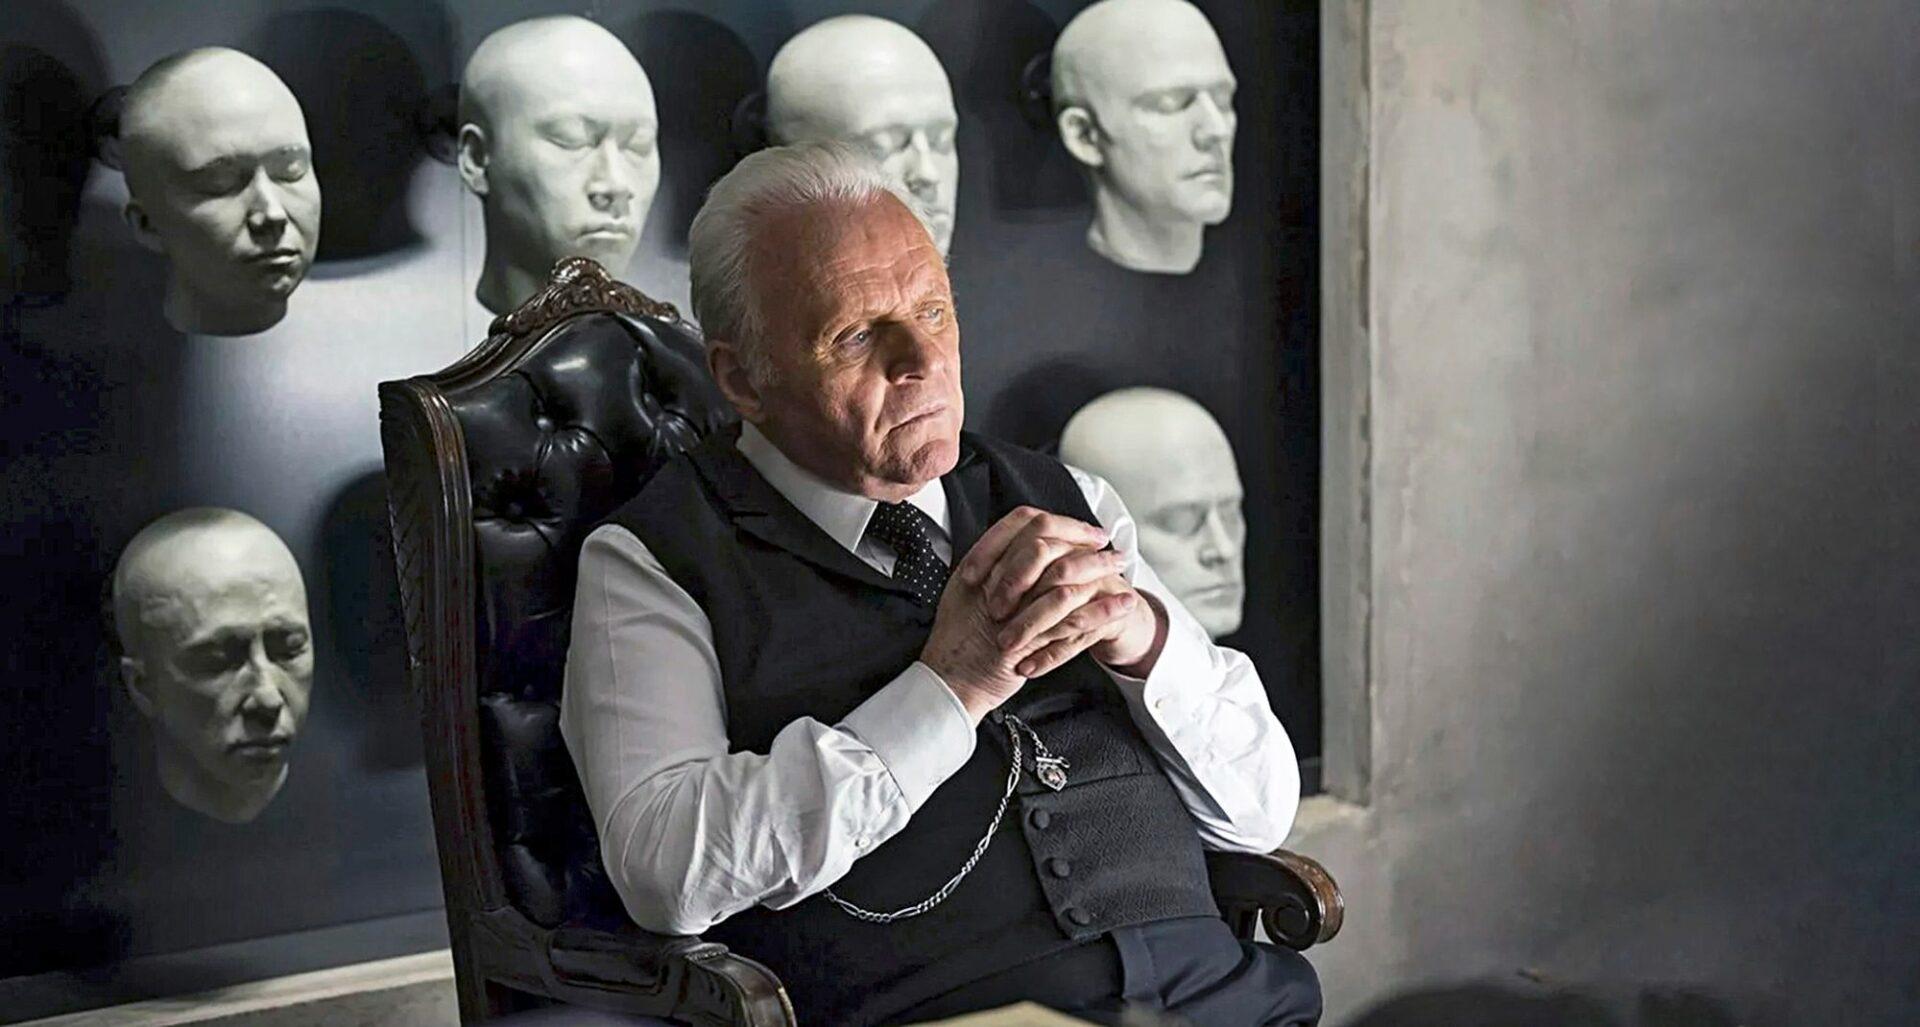 Sir Anthony Hopkins nousi supertähdeksi Uhrilampaissa 53-vuotiaana. Sen jälkeen hän on tehnyt lukuisia rooleja, kuten Westworld-sarjan tohtori Robert Fordin vuonna 2016.  © Wichita Films / Yle